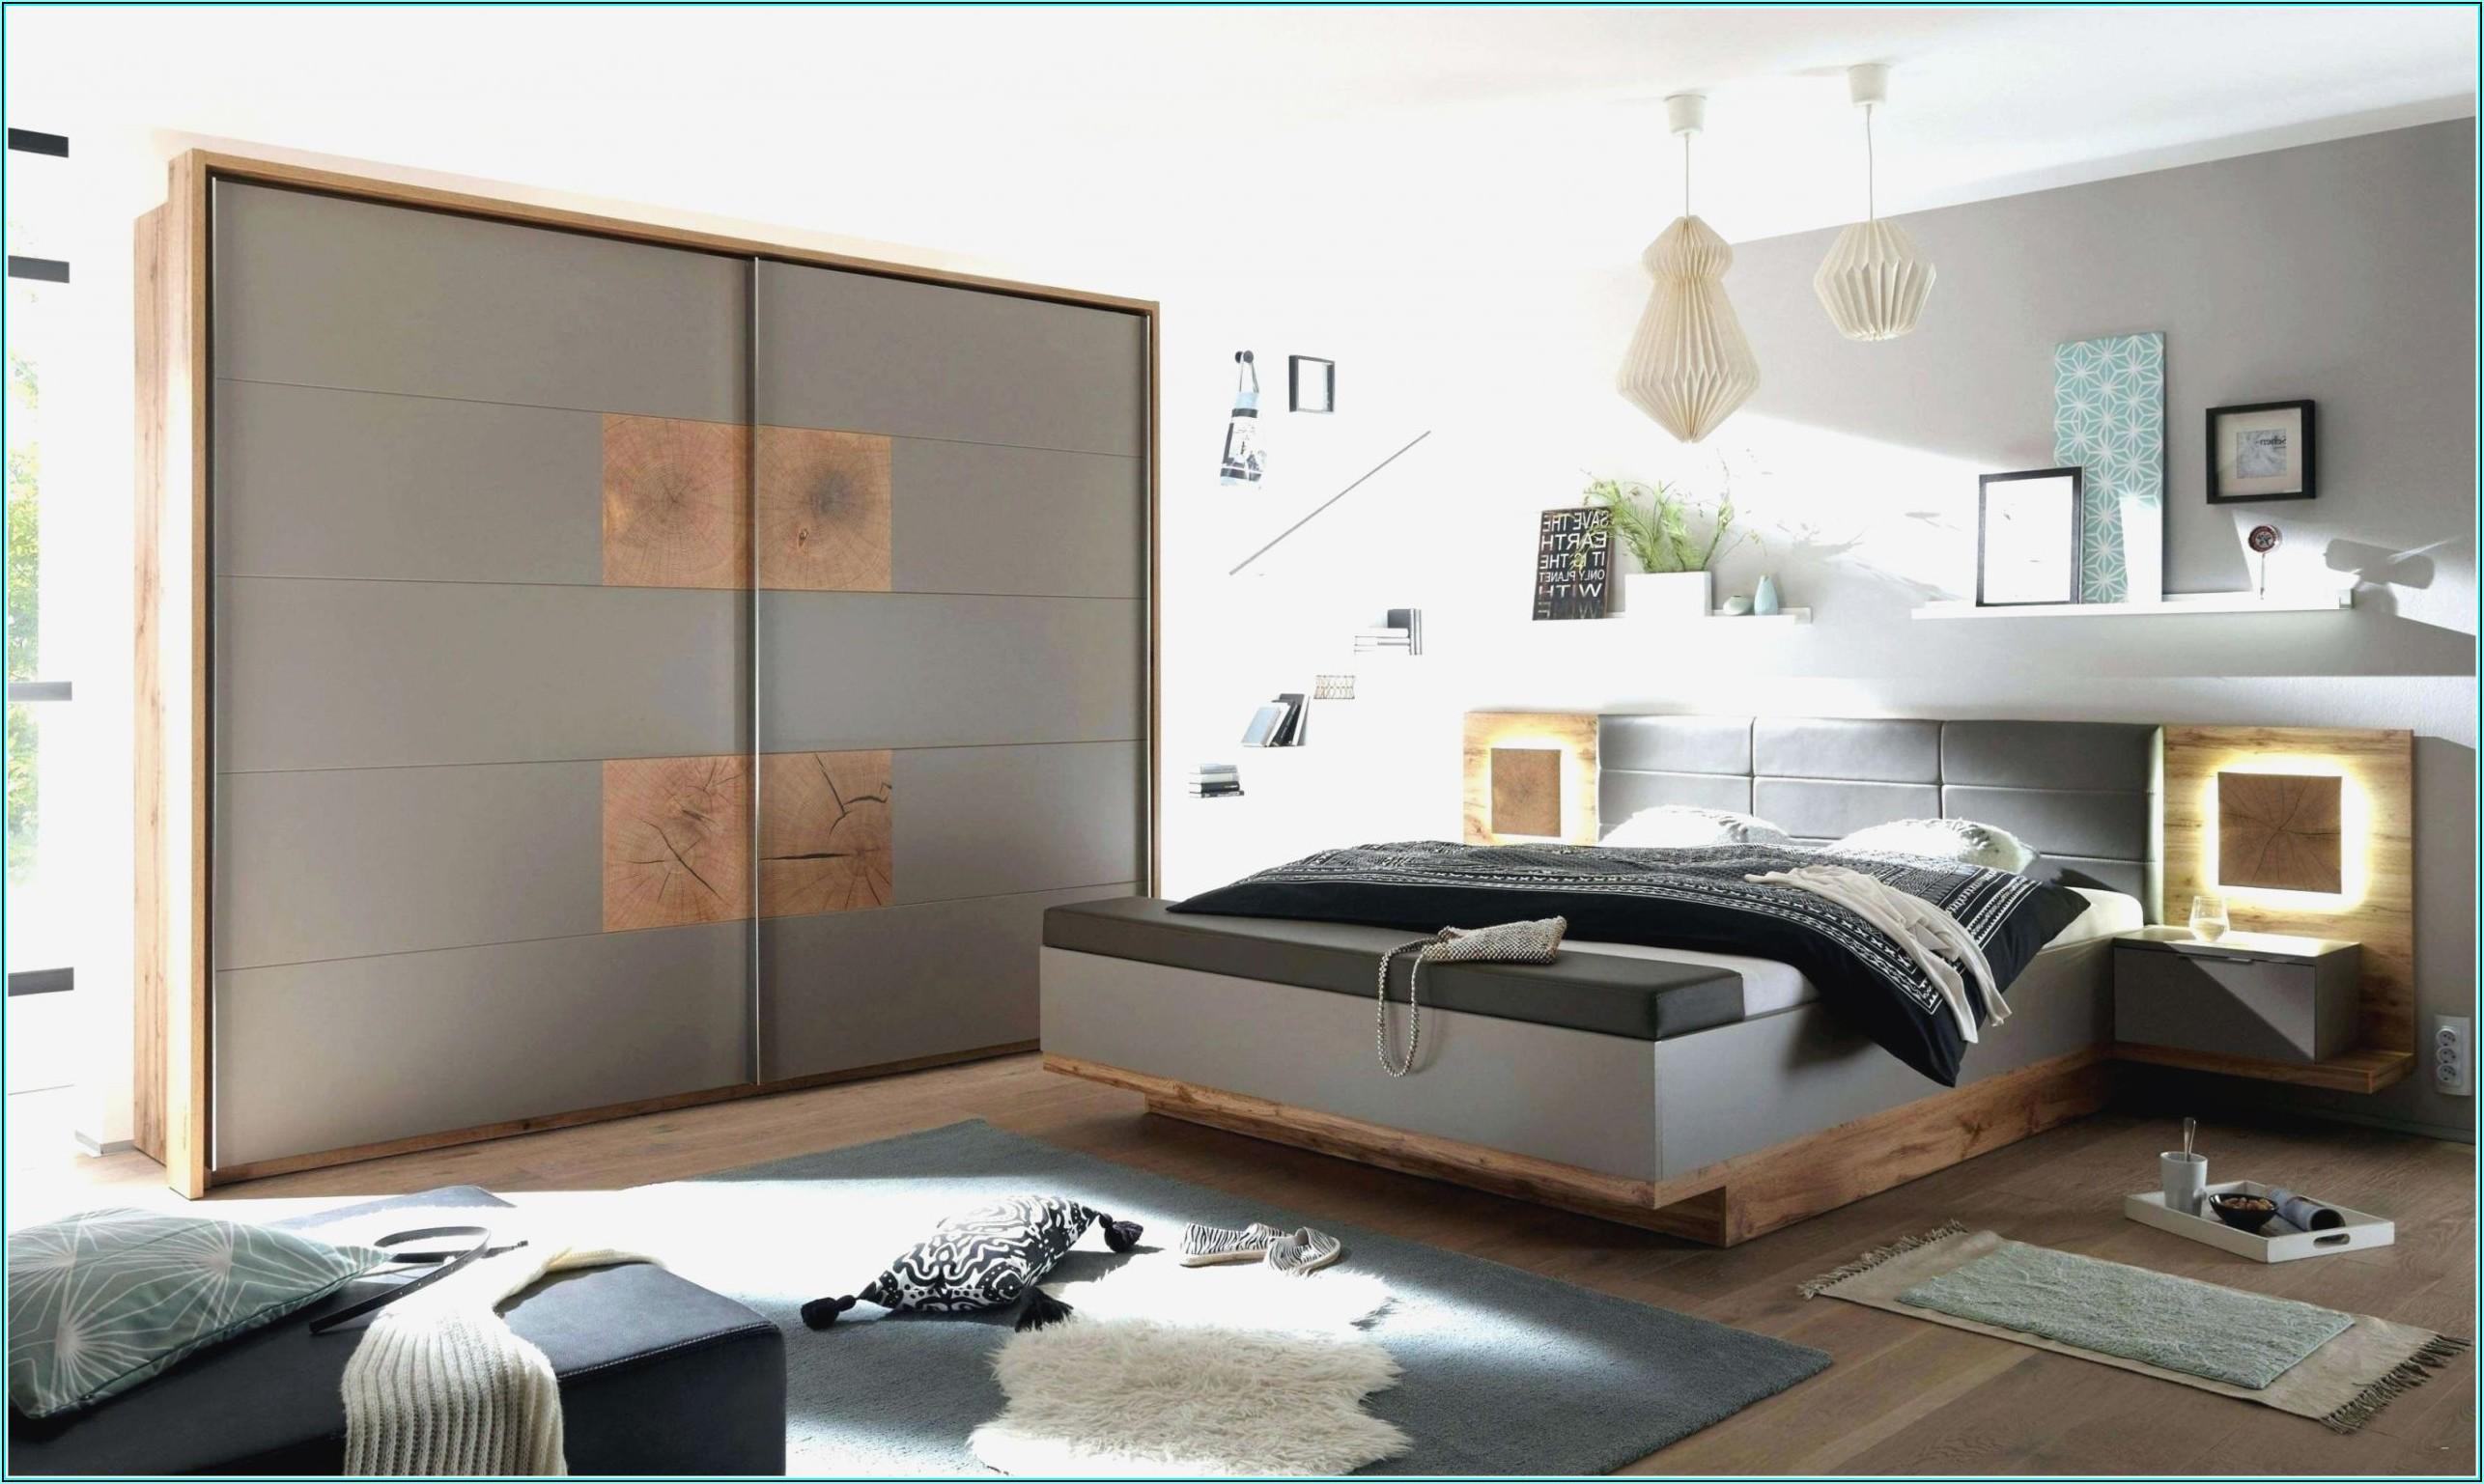 Kinderzimmer In 2 Zimmer Wohnung